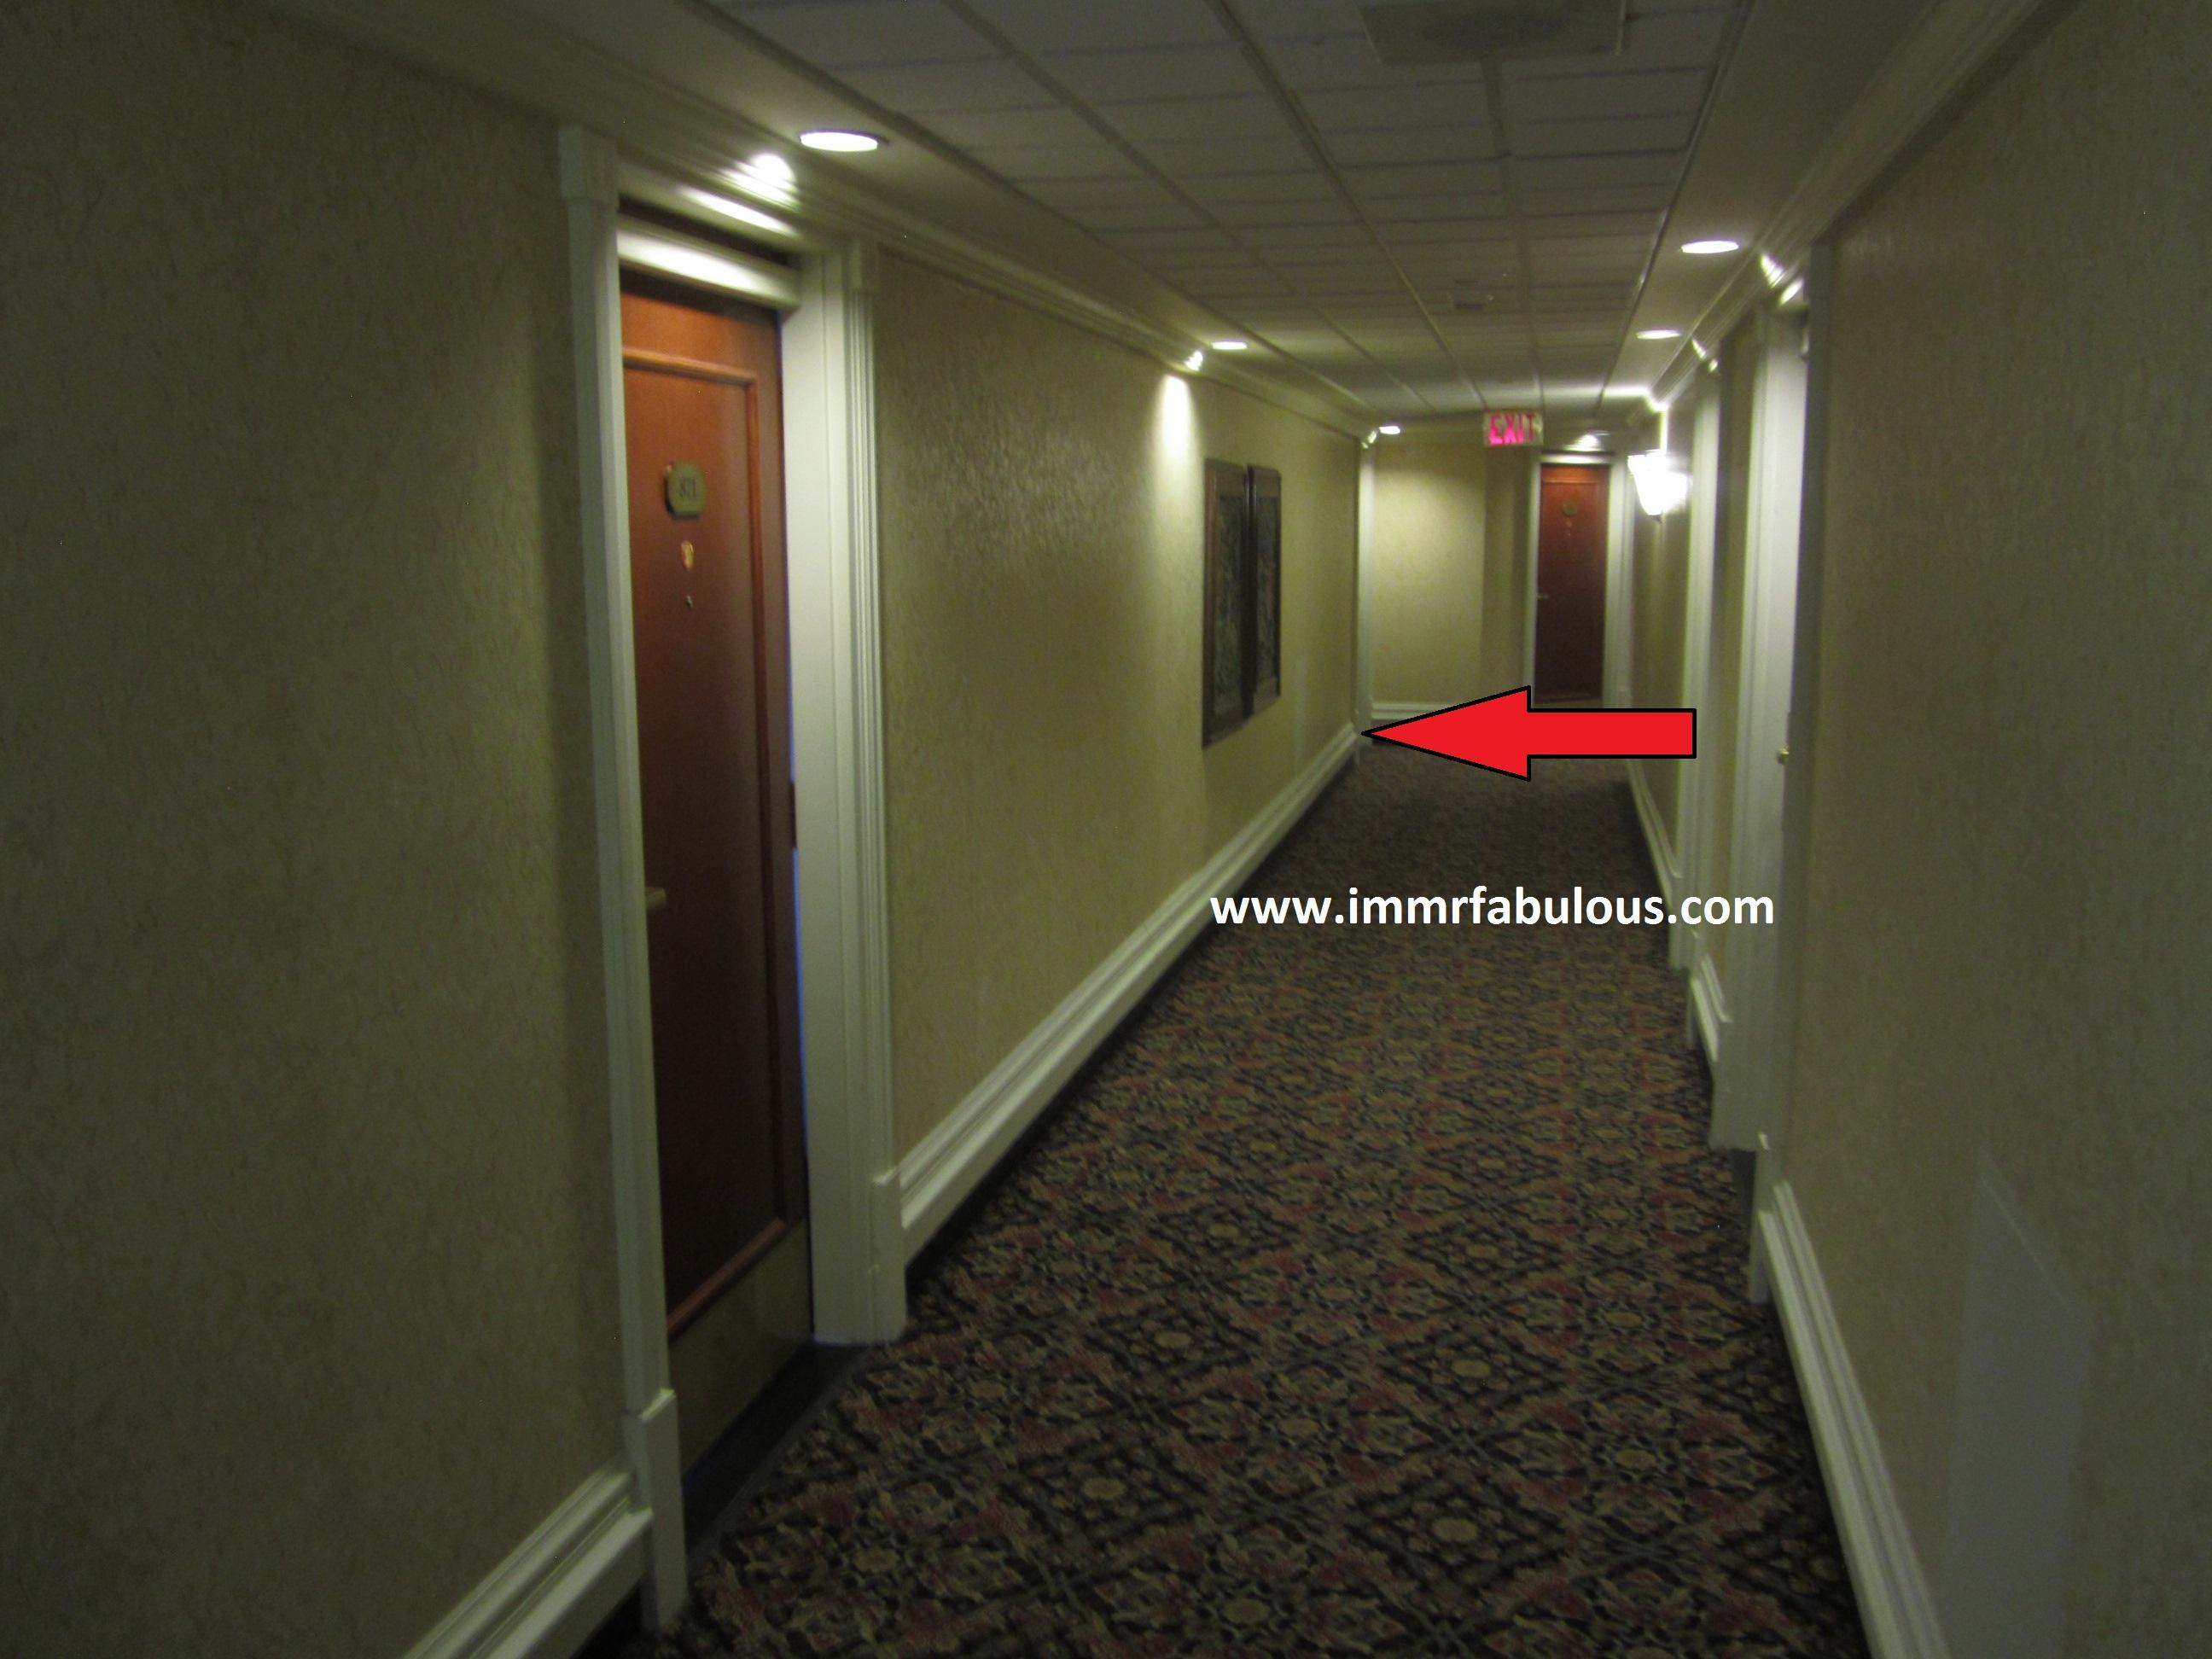 Missing Room 873 Banff Springs Immrfabulous Com